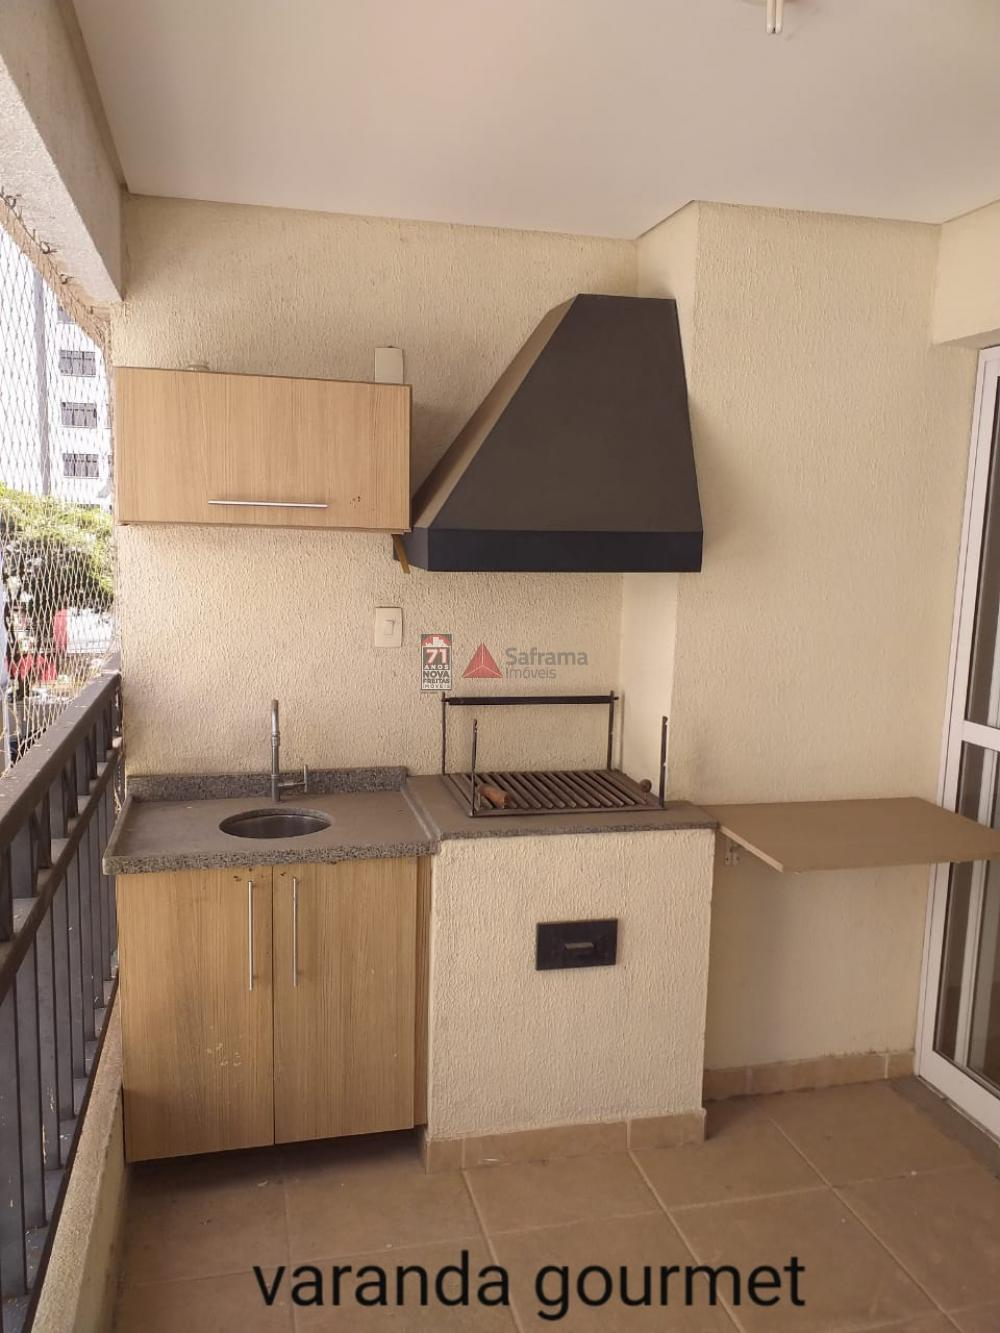 Comprar Apartamento / Padrão em São José dos Campos apenas R$ 550.000,00 - Foto 4